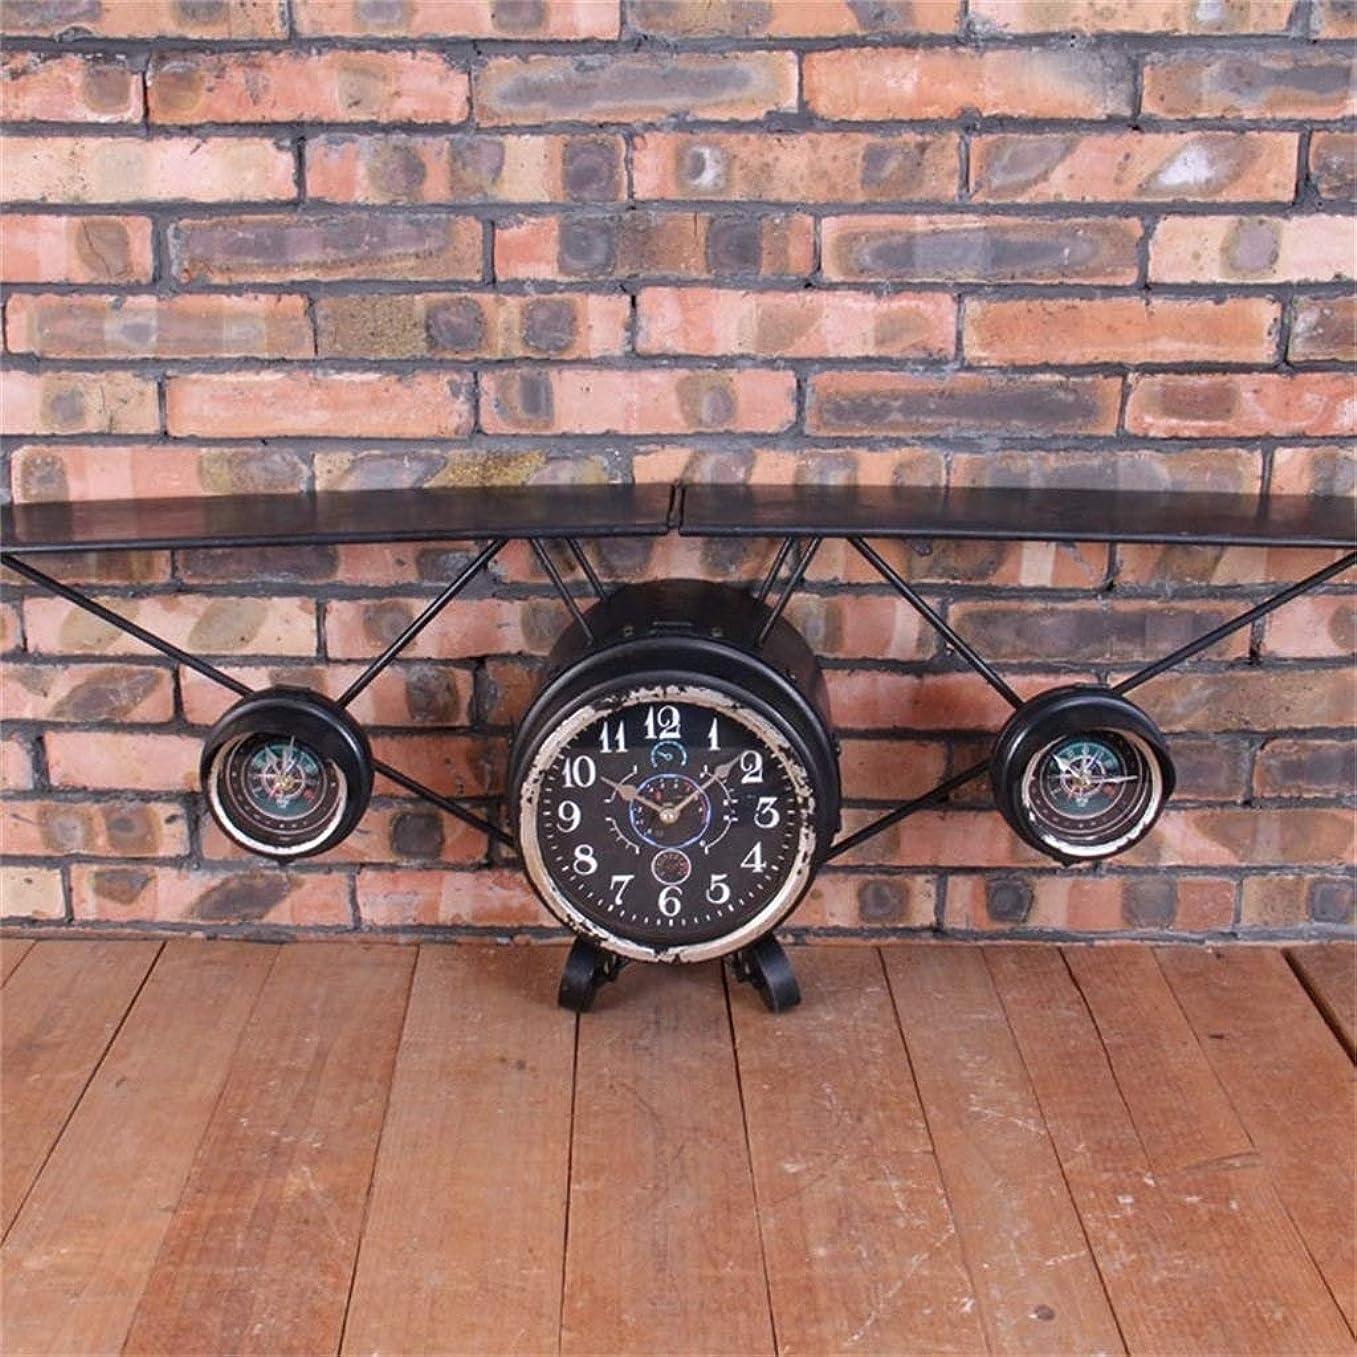 パッチ通常市民ウォールクロック大型アイアン航空機モデル装飾産業風バーレストランカフェ壁の装飾ファッション人格